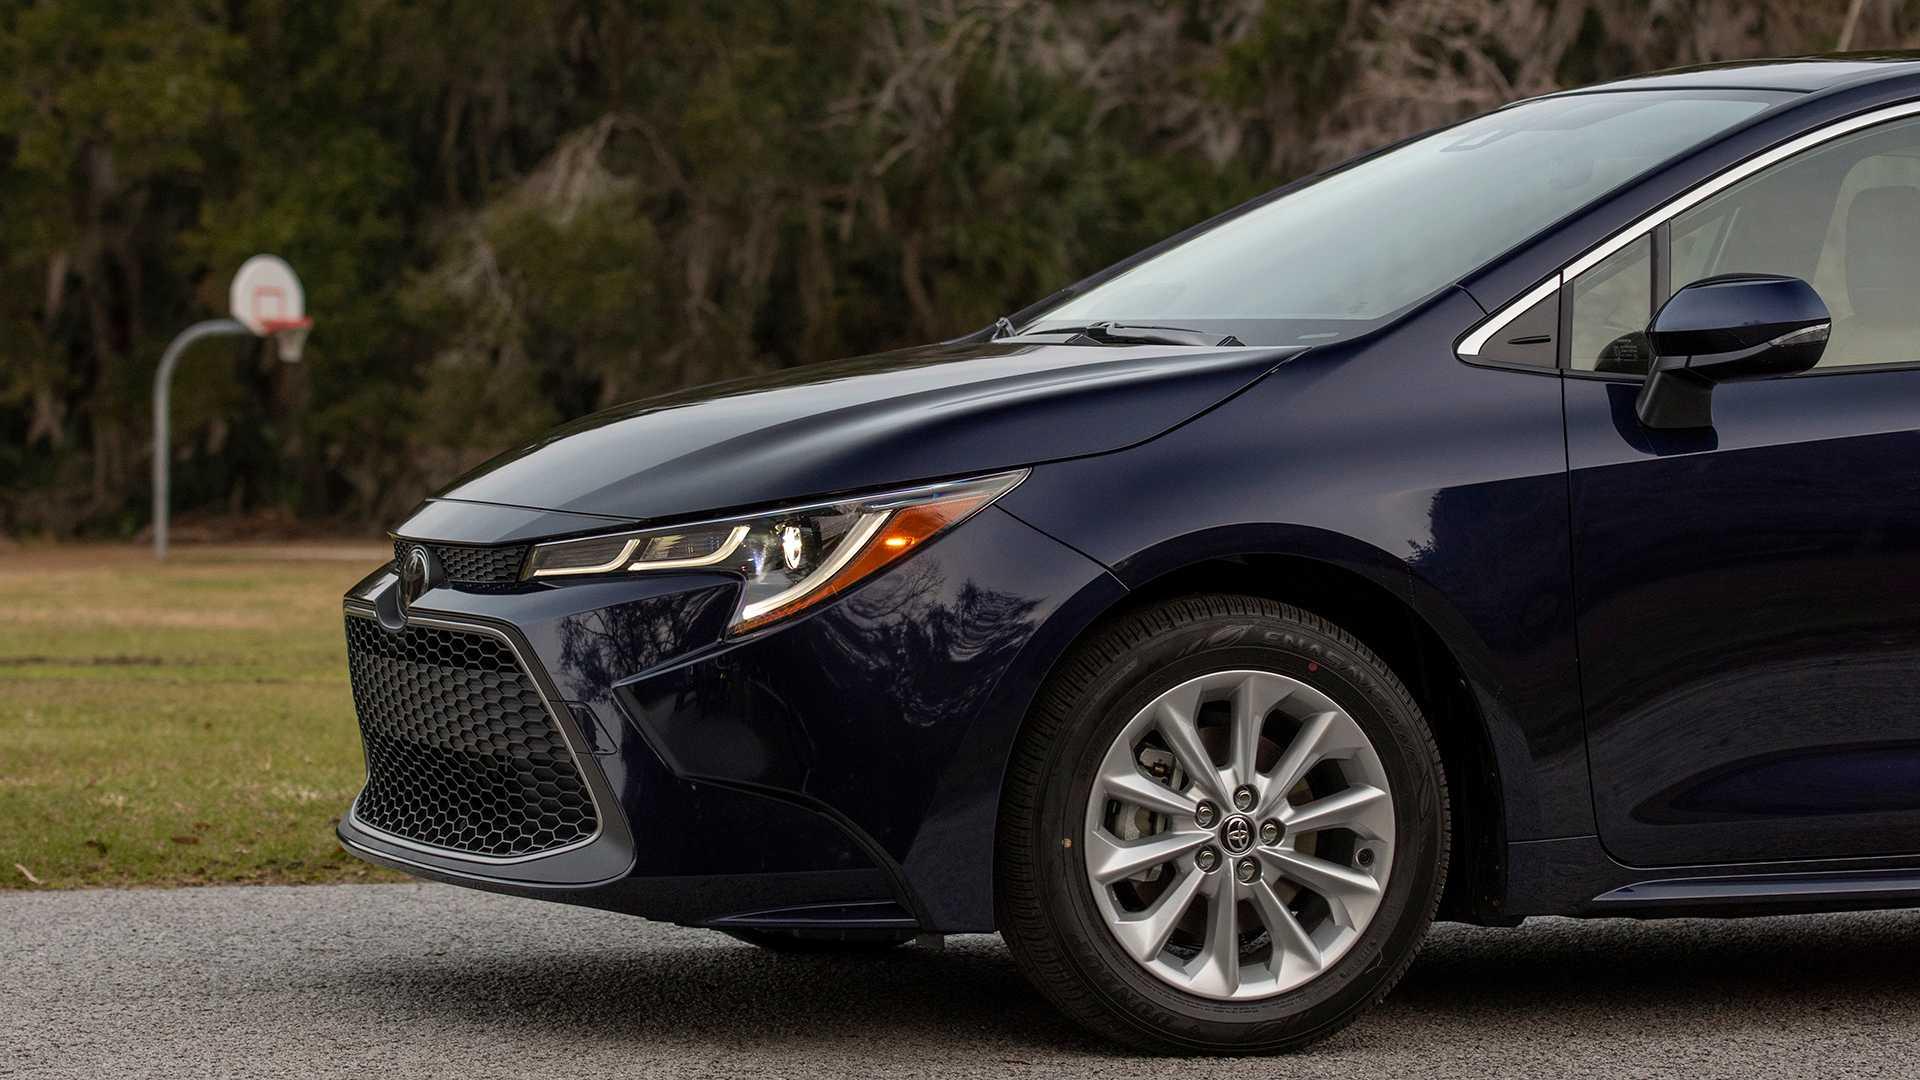 2020-toyota-corolla-sedan-danh-gia-5.jpg